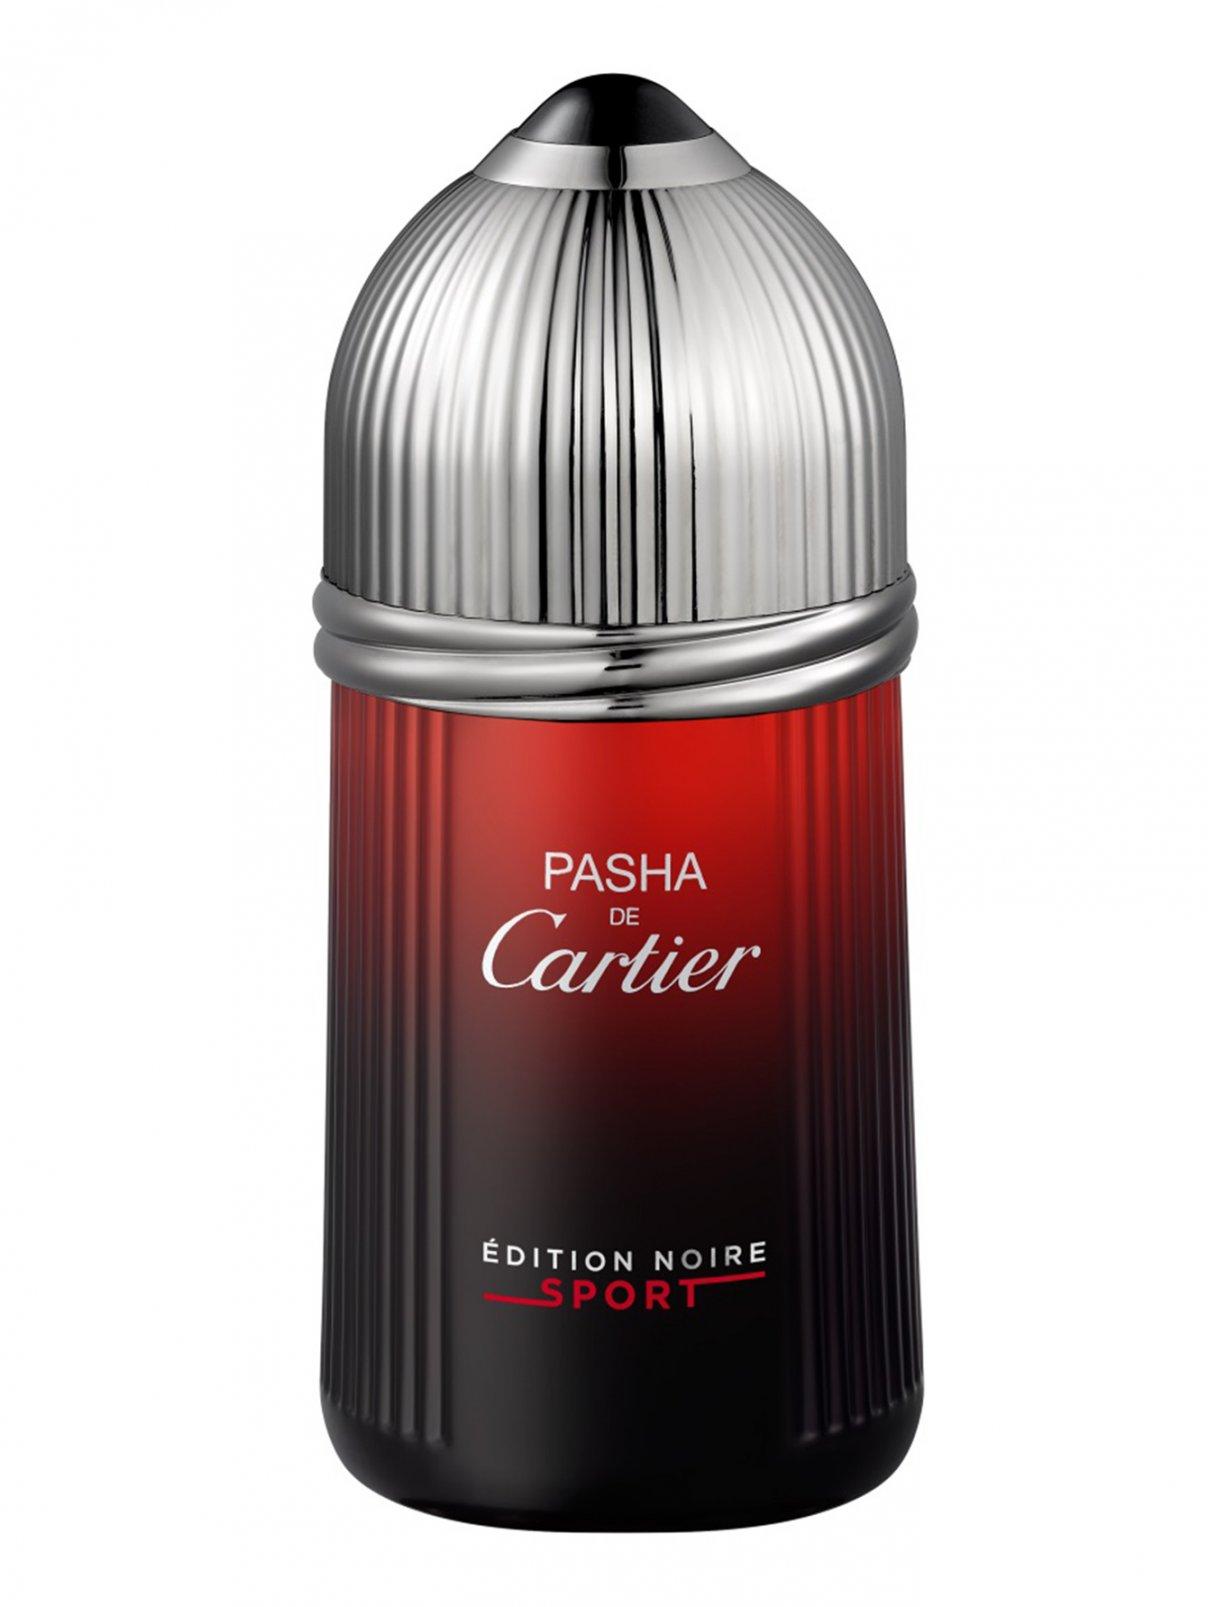 Туалетная вода - Pasha Edition Noire, 50ml Cartier  –  Общий вид